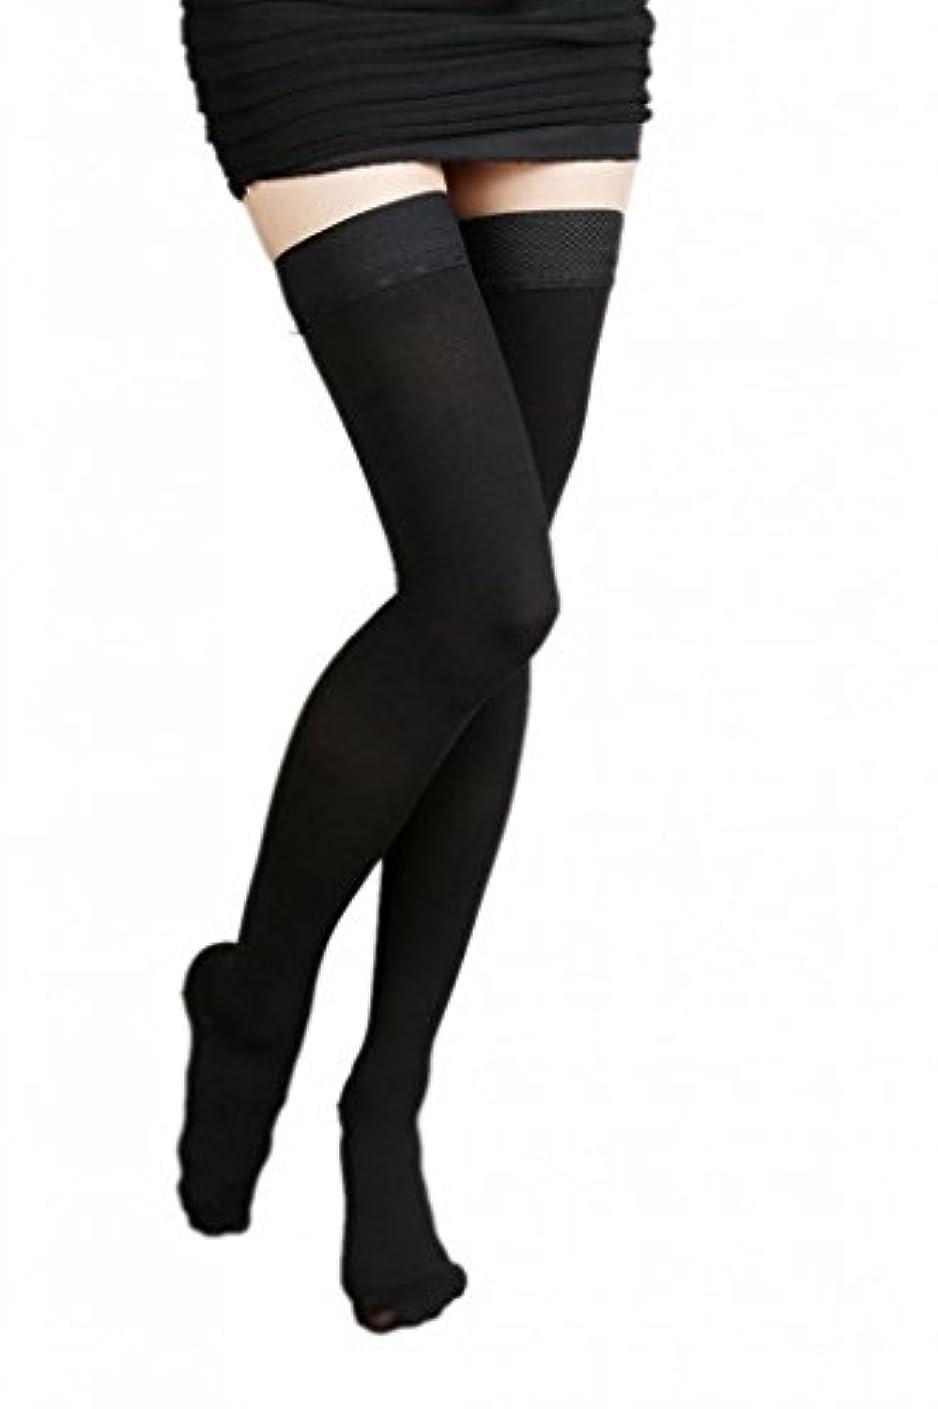 アニメーション確かめる間違い(ラボーグ)La Vogue 美脚 着圧オーバーニーソックス ハイソックス 靴下 弾性ストッキング つま先あり着圧ソックス L 2級中圧 黒色